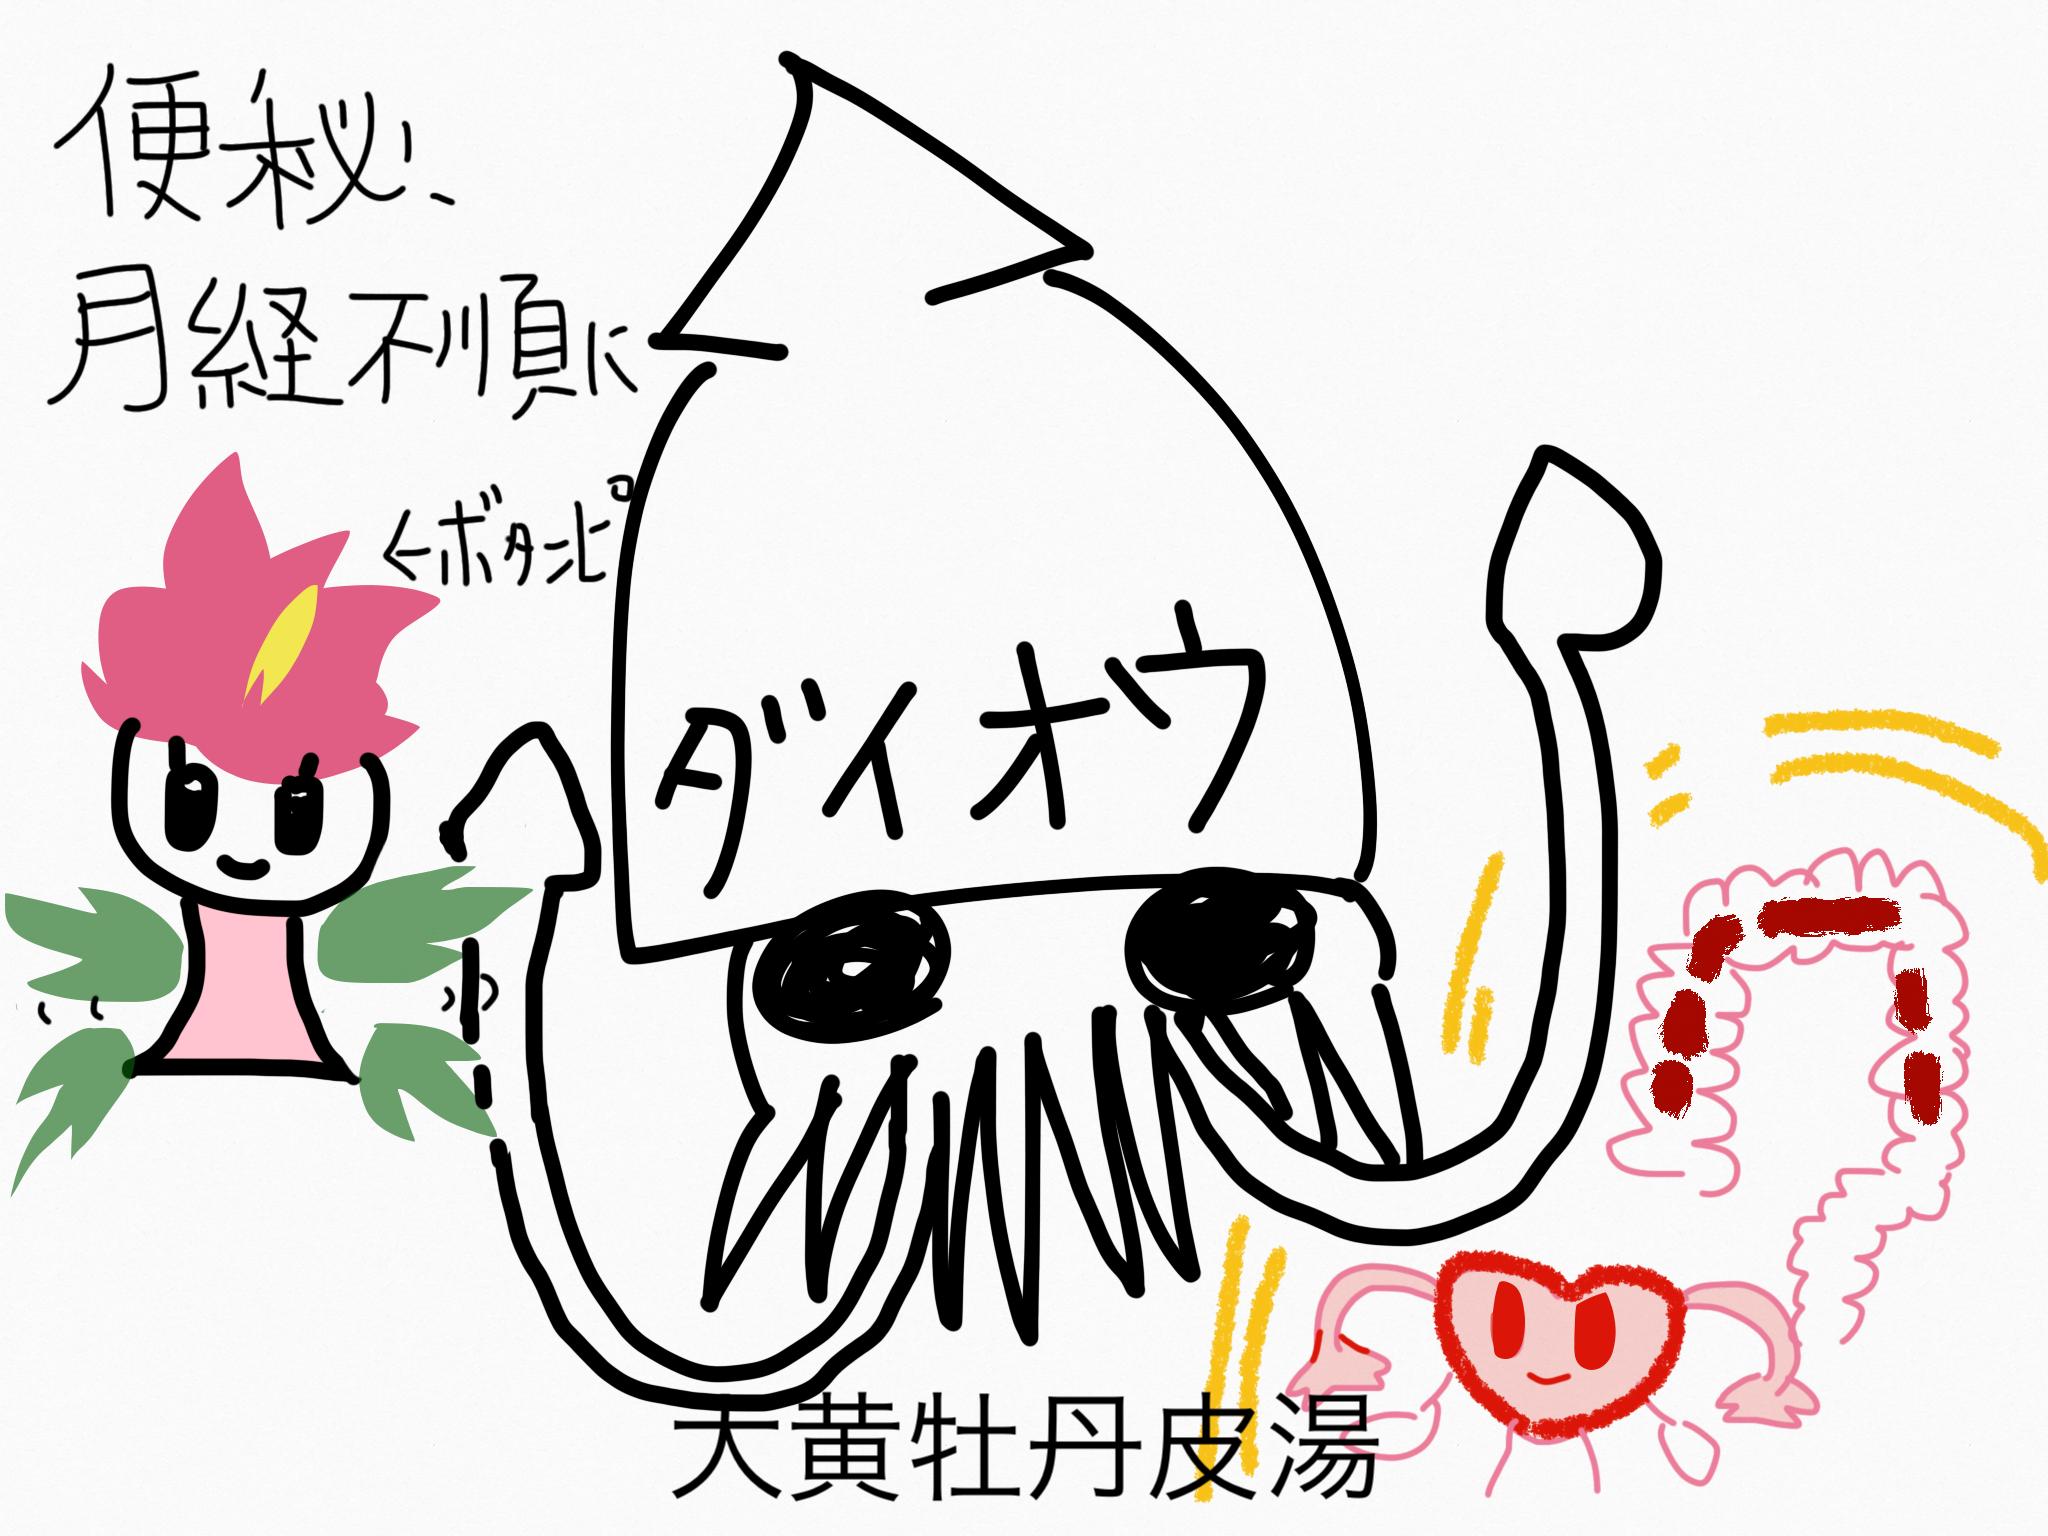 大黄牡丹皮湯(だいおうぼたんぴとう)[腸の不調、月経不順]【漢方の覚え方】